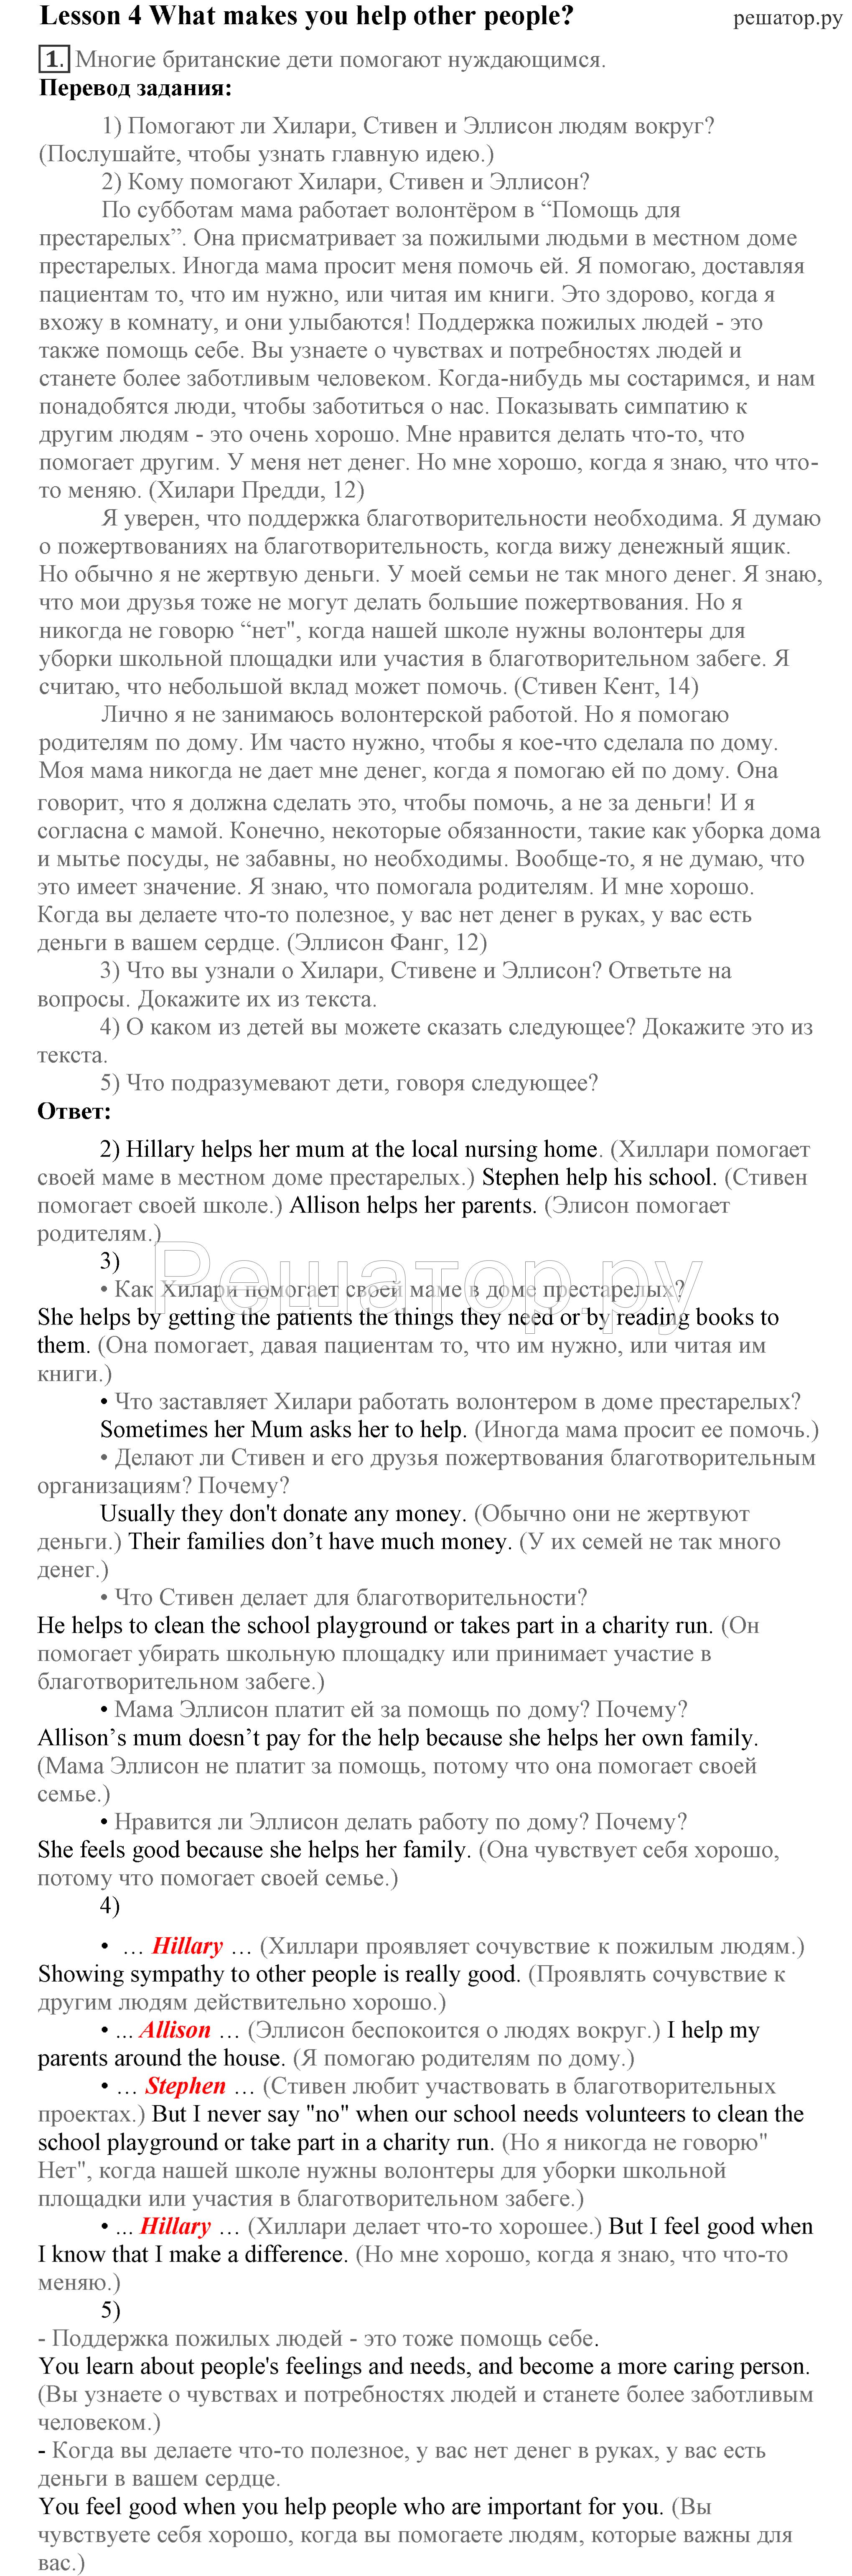 zhivih-sistem-angliyskiy-yazik-2013-sochinenie-o-sebe-2-klass-temu-zachem